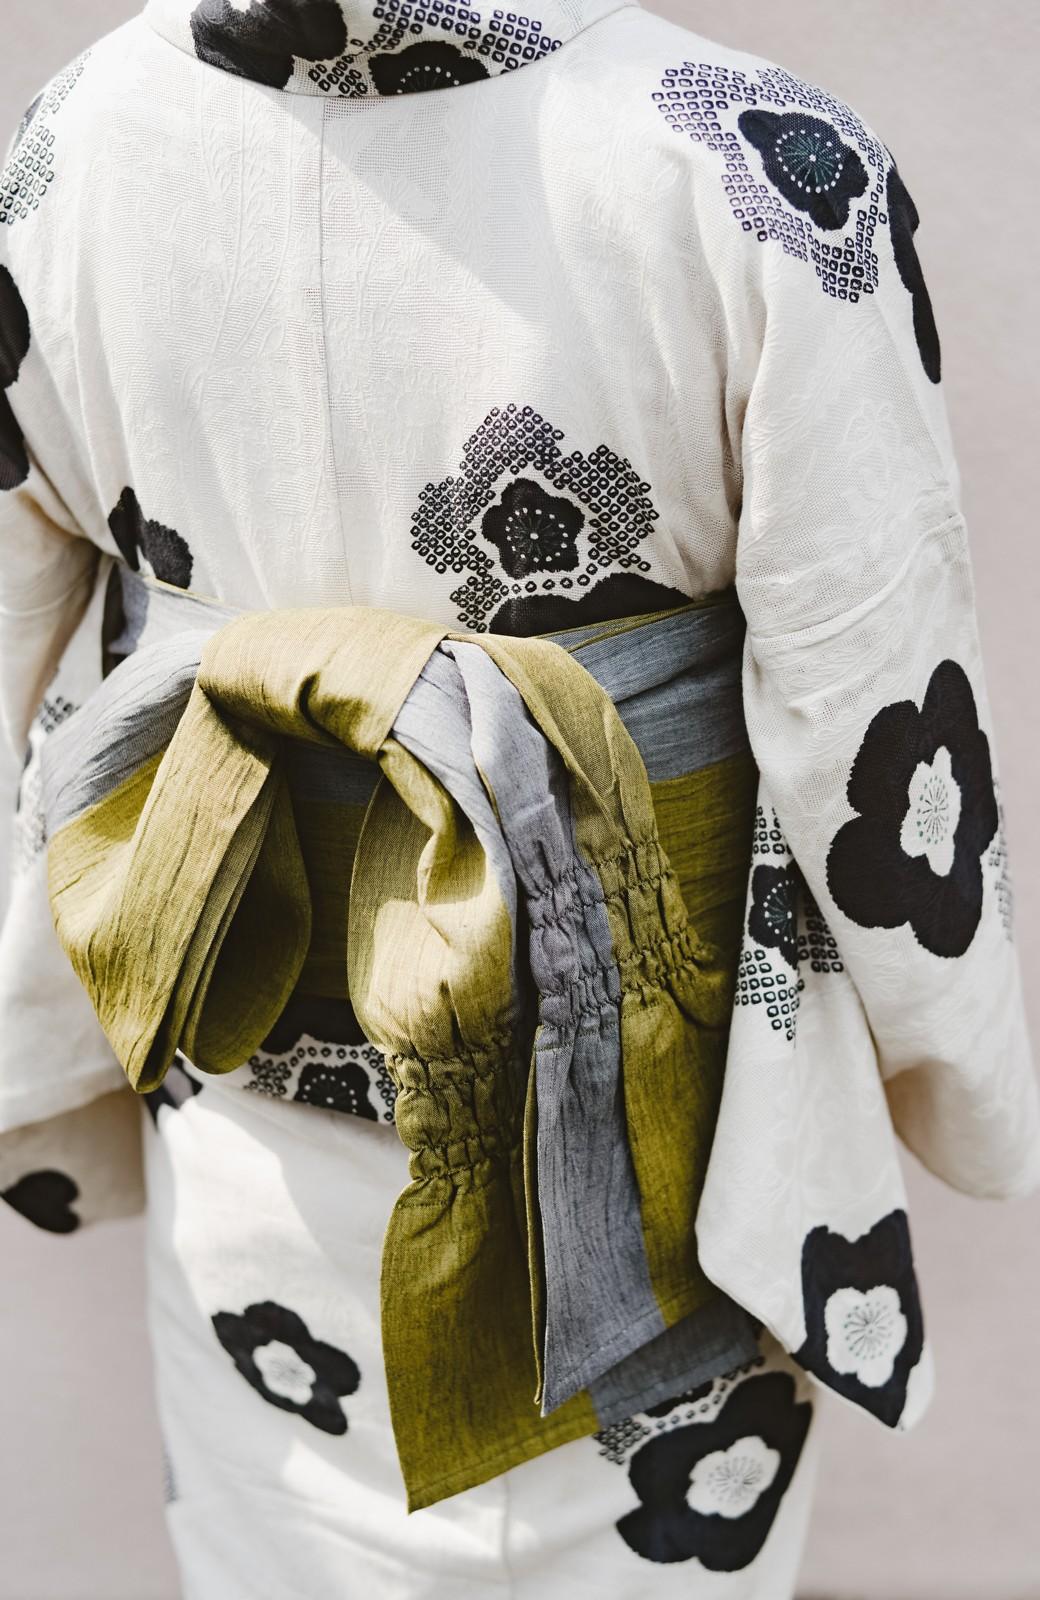 haco! ひでや工房 京都のからみ織ジャカード浴衣 <ブラック系その他>の商品写真30